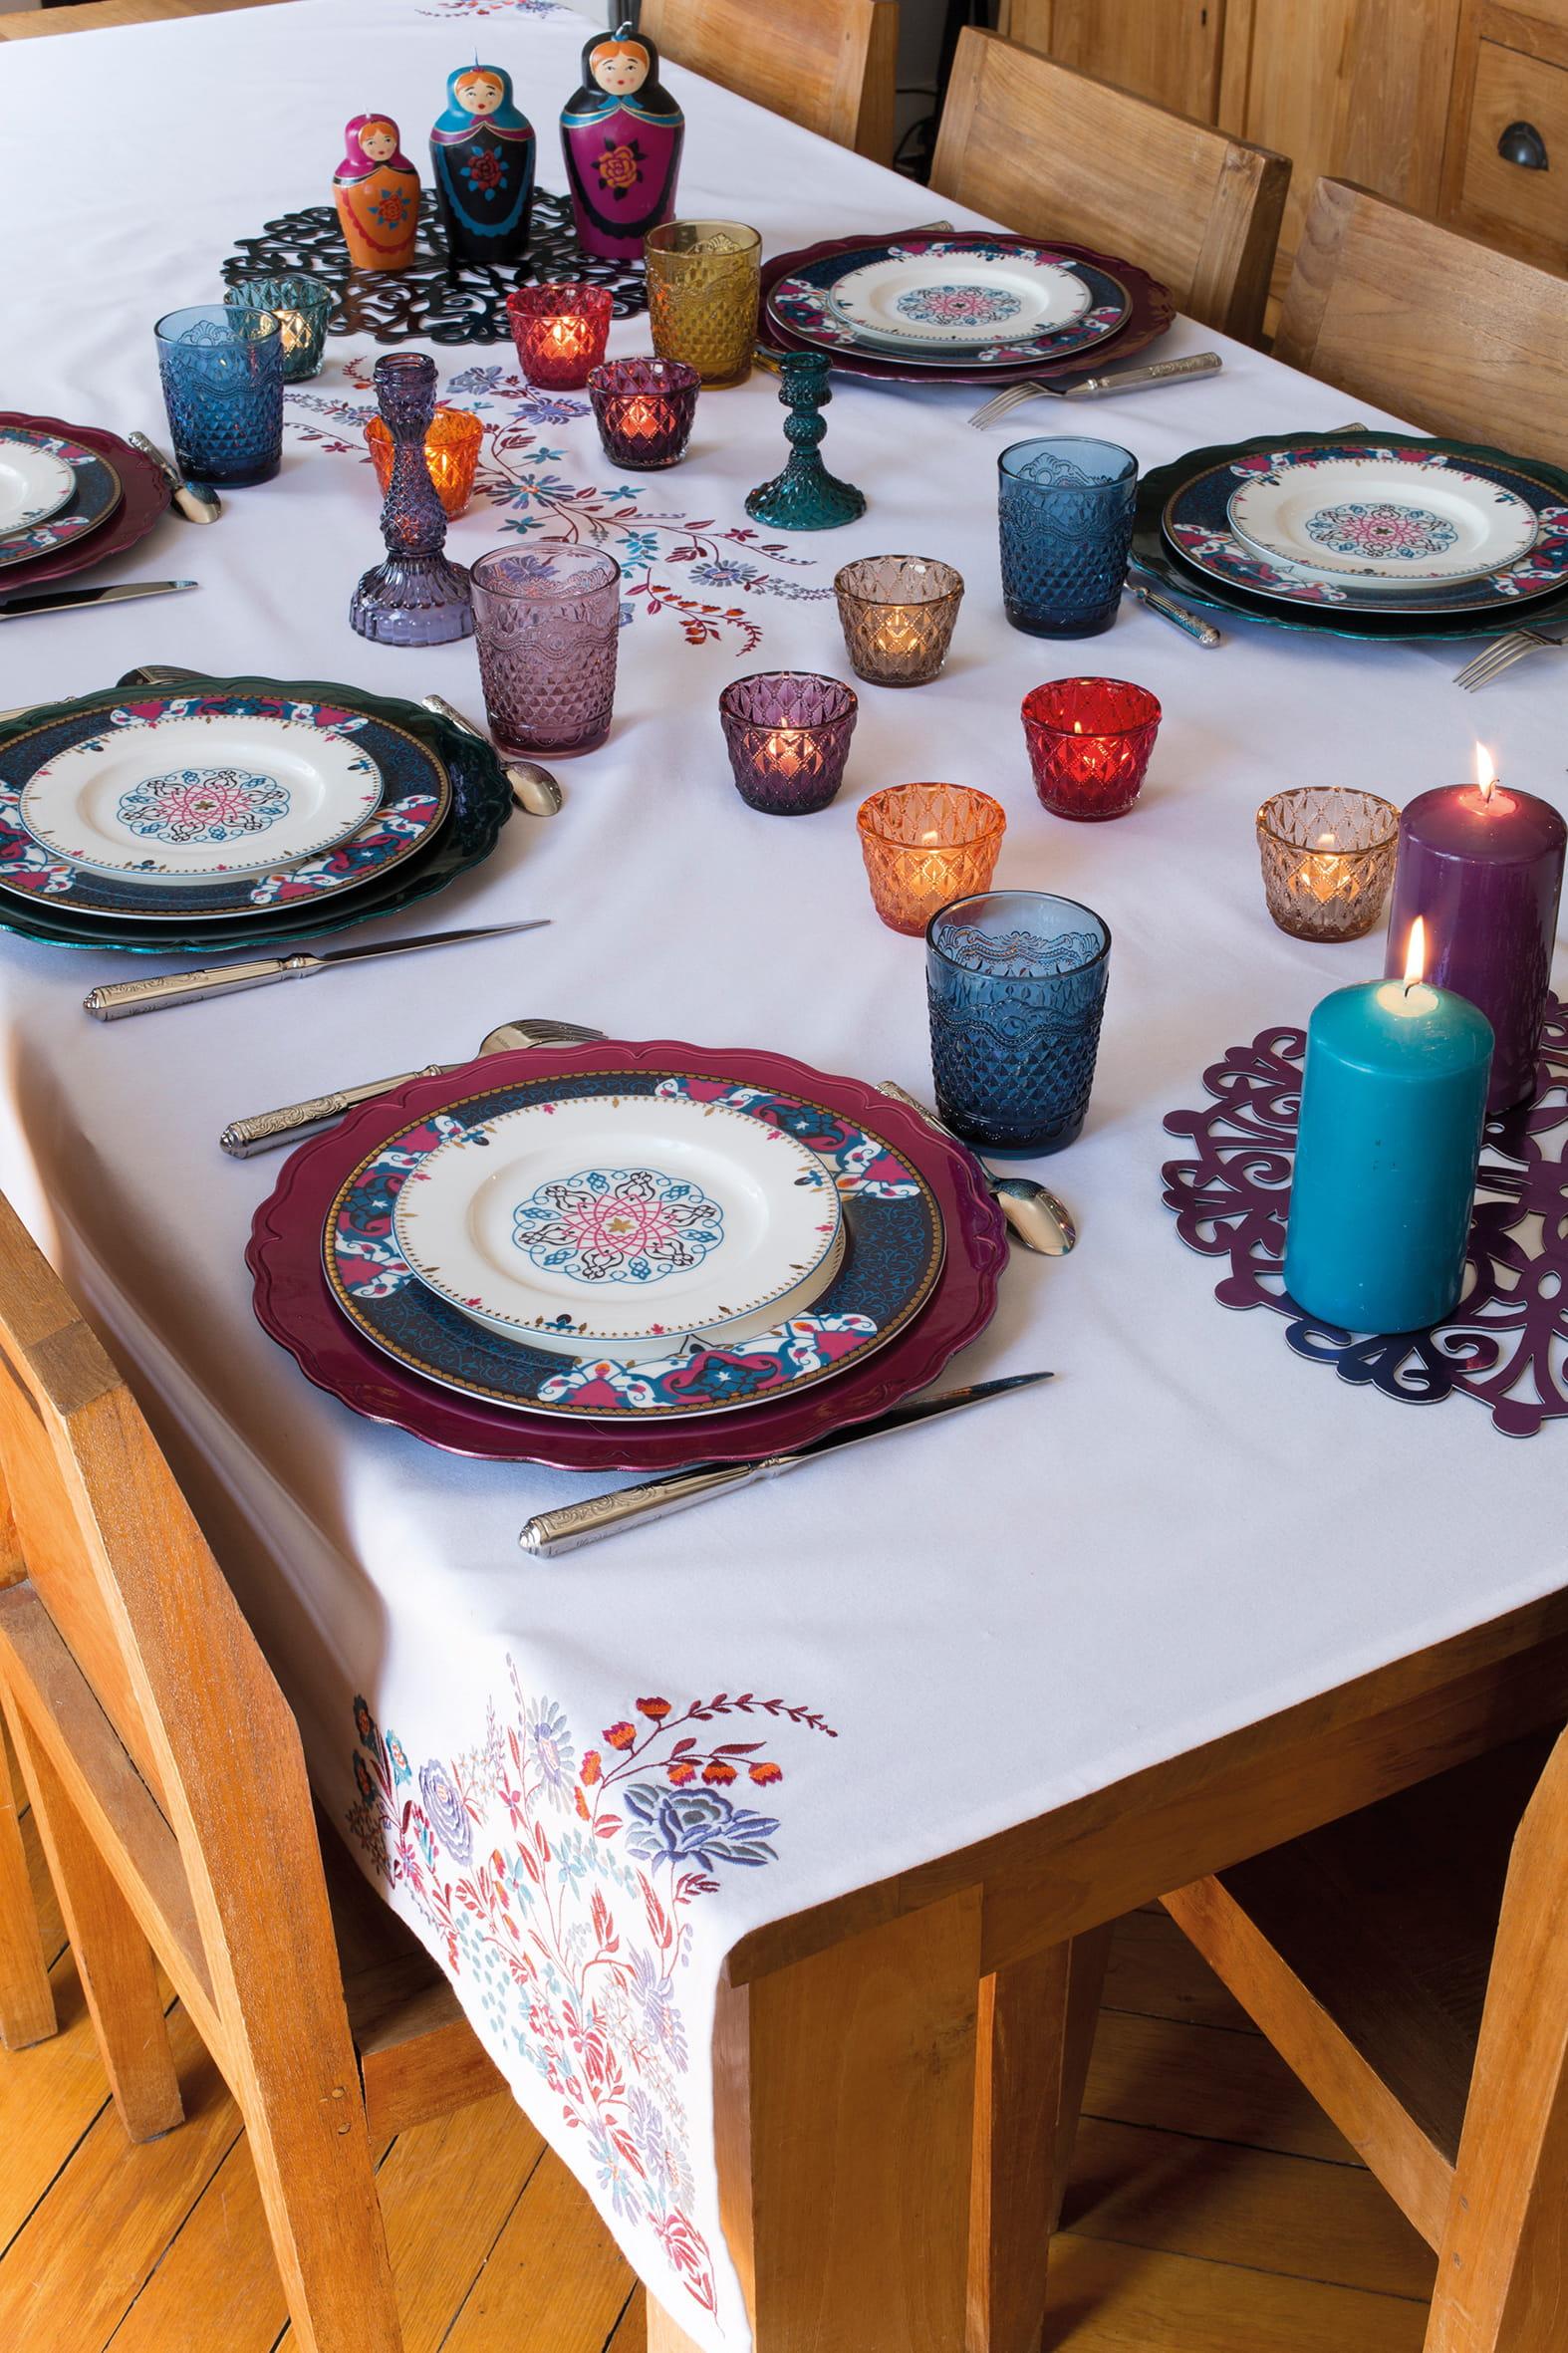 #A56326 S'envoler Pour Moscou : Je Veux La Plus Belle Table à Noël  6199 Decoration De Table De Noel Russe 1574x2362 px @ aertt.com